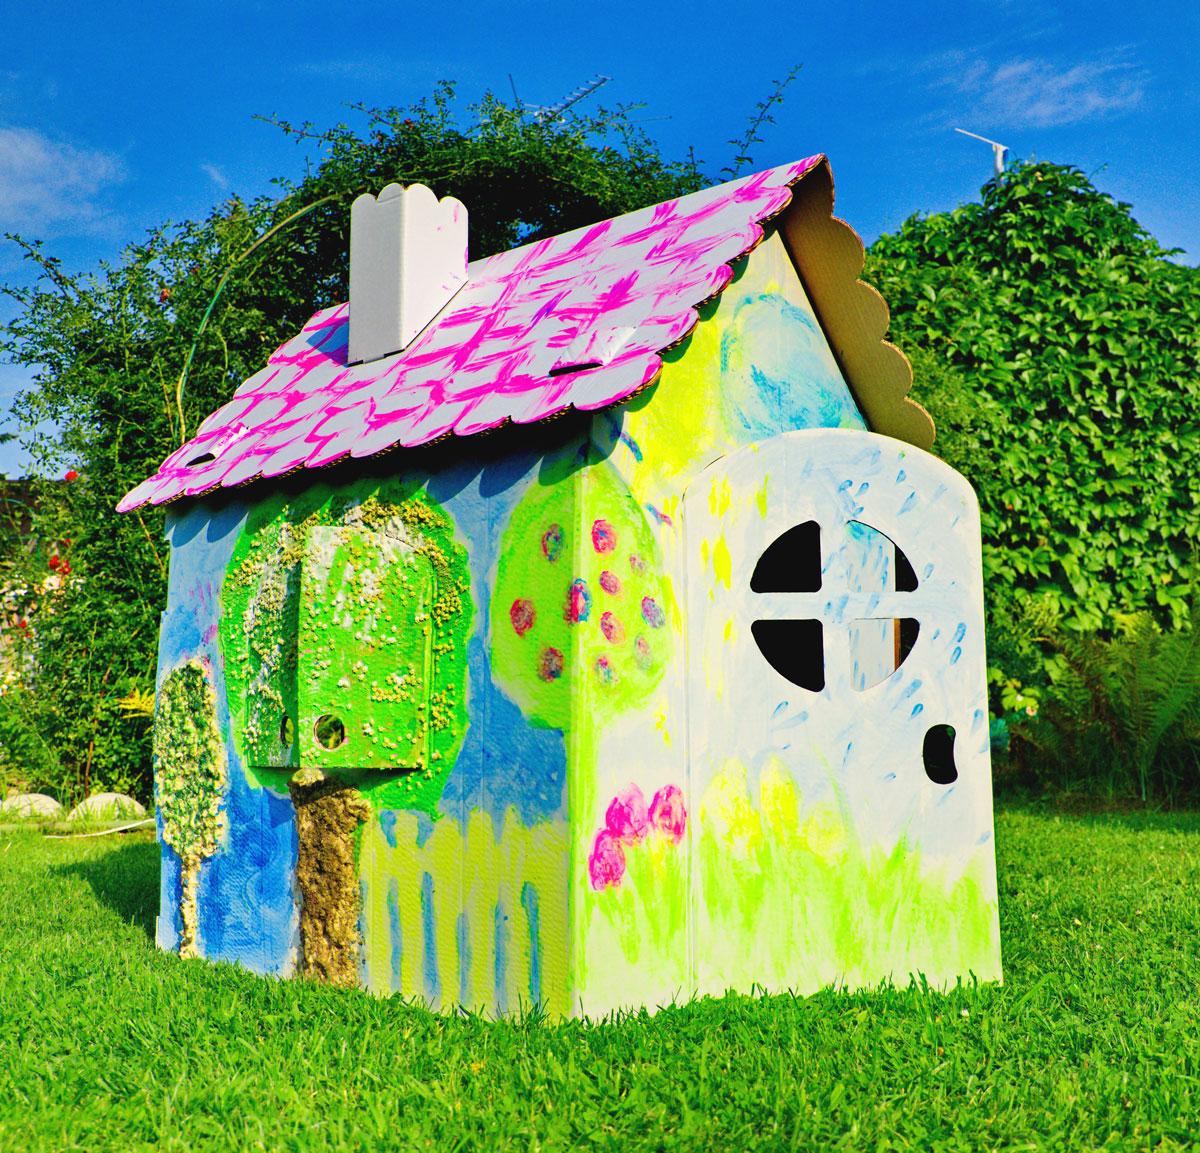 Как сделать игровой домик для детей своими руками на даче Игрушечные домики на даче своими руками фото